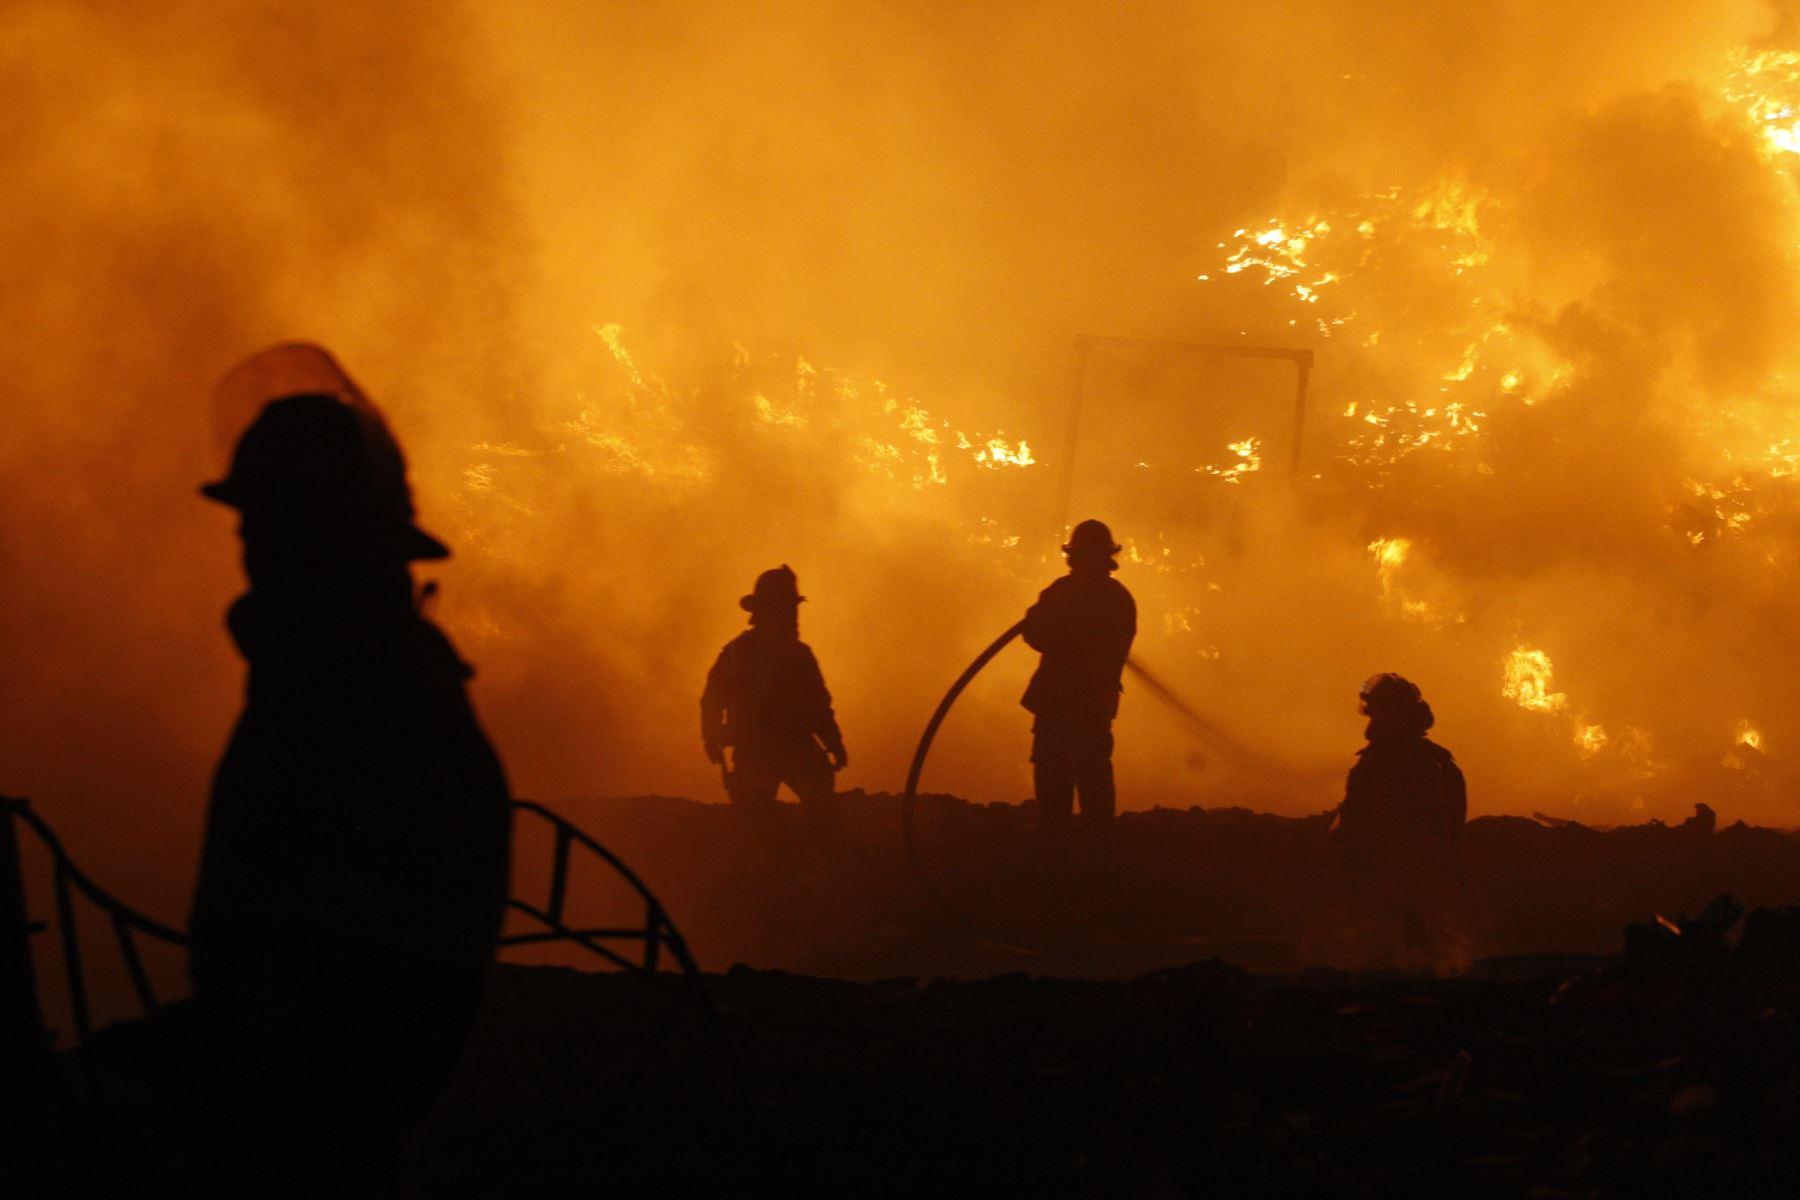 LIMA-PERÚ-ABRIL 05. Incendio en Av. Nestor Gambeta - Ventanilla- Callao. Foto:ANDINA/ Eddy Ramos.